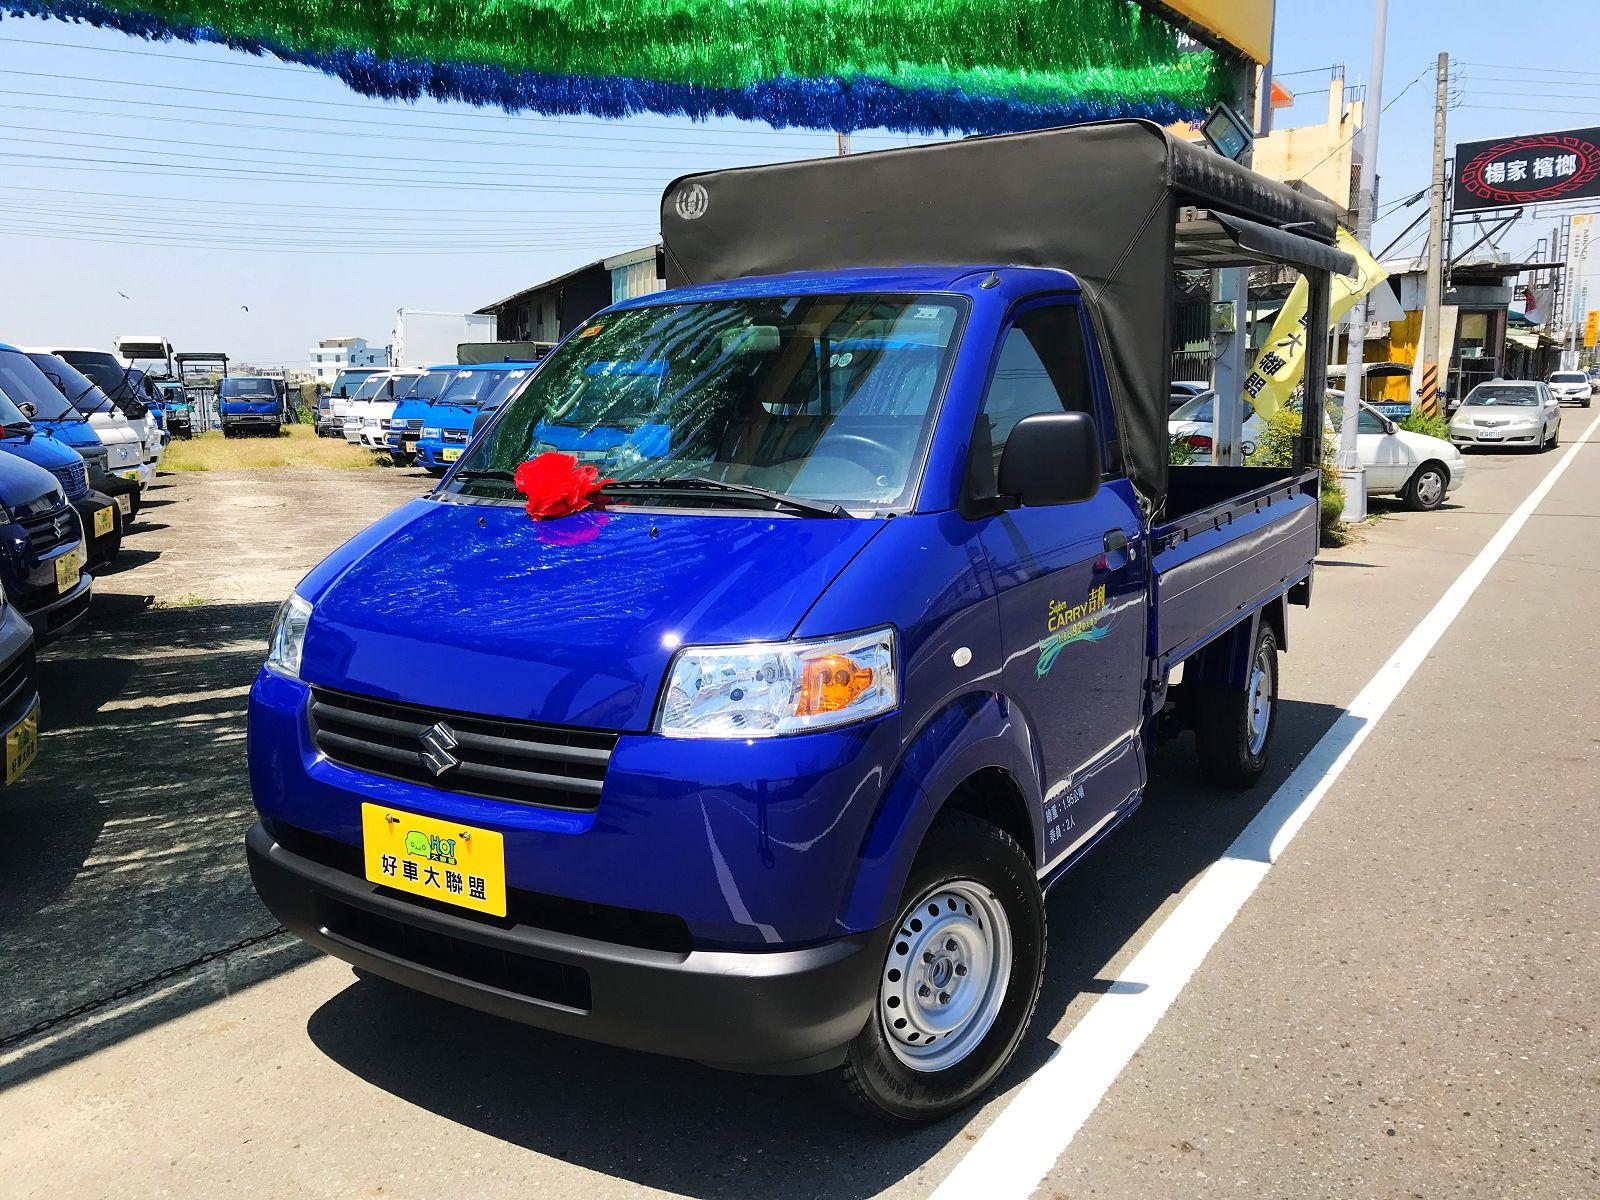 2010 Suzuki 鈴木 Super carry